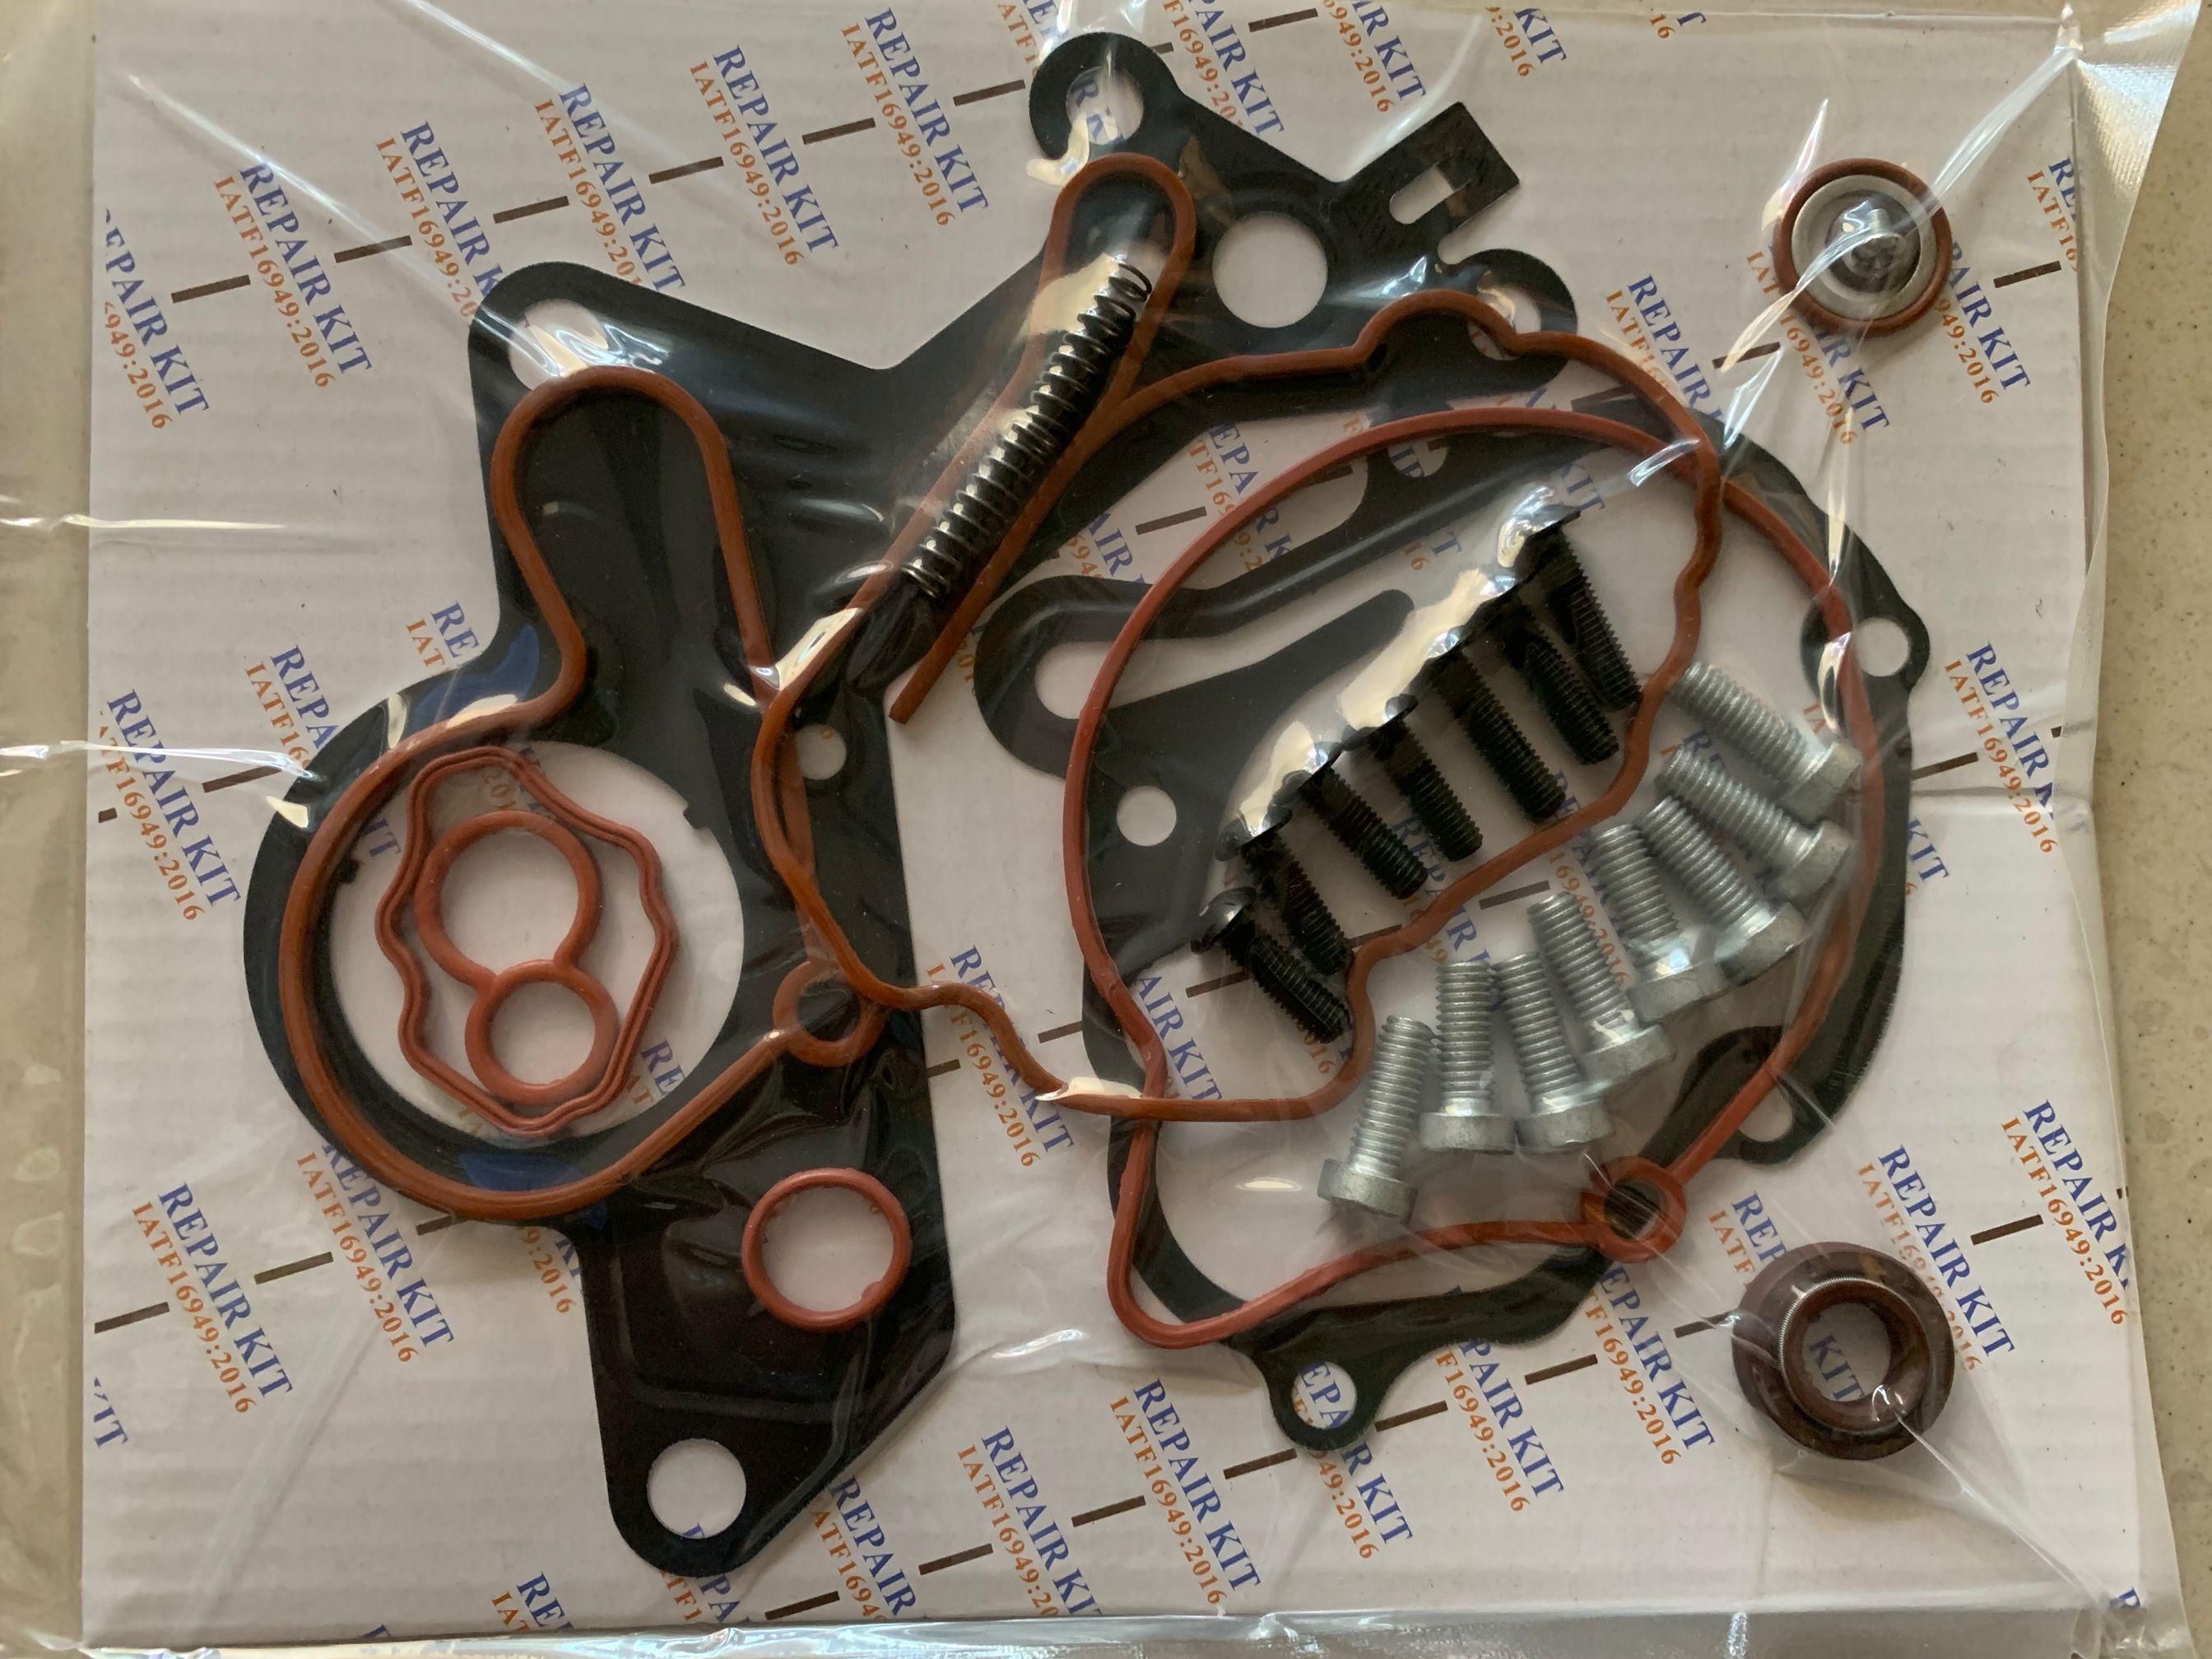 Für VW AUDI SITZ 1.2TDI 1.4TDI 1.9TDI 2.0TDI 038145209 Vakuum Kraftstoff Tandem Pumpe Reparatur Kit